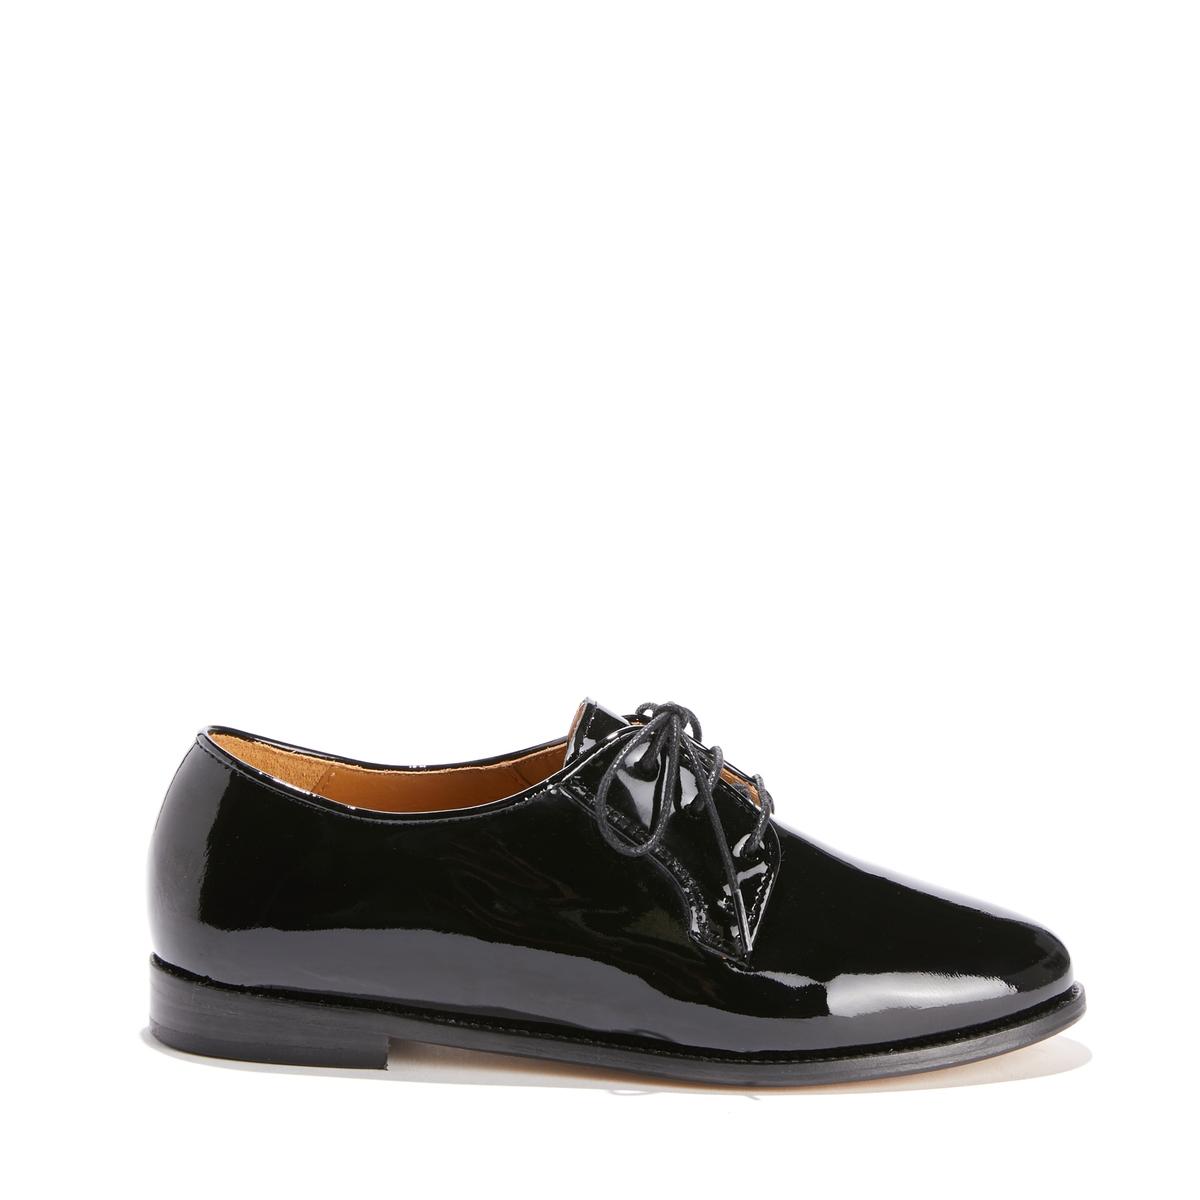 Ботинки-дерби на шнуровке из лакированной кожи ботинки дерби из лакированной кожи hambloe oak